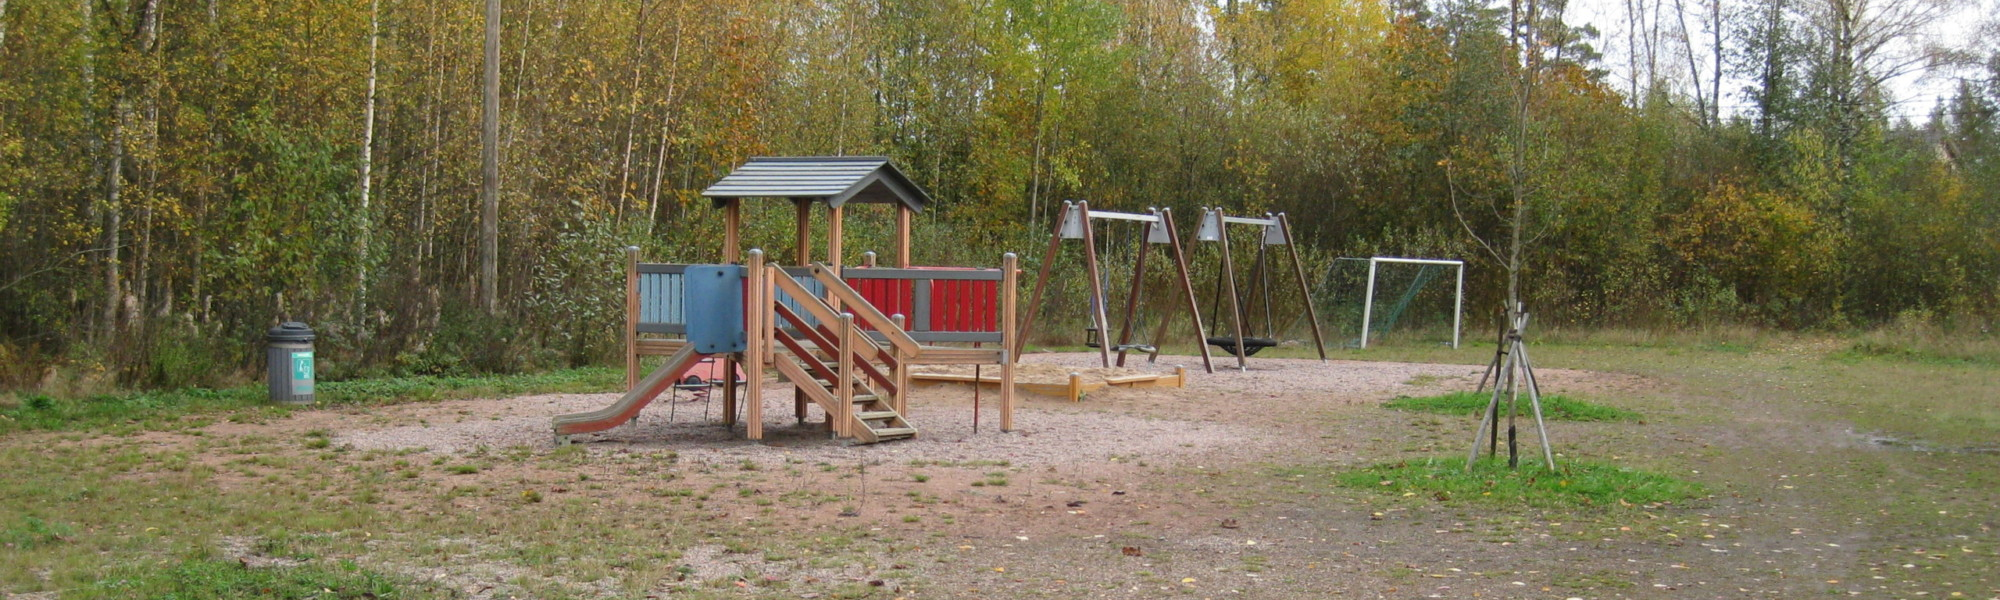 Kuvassa on Petäjäsuon leikkipaikka